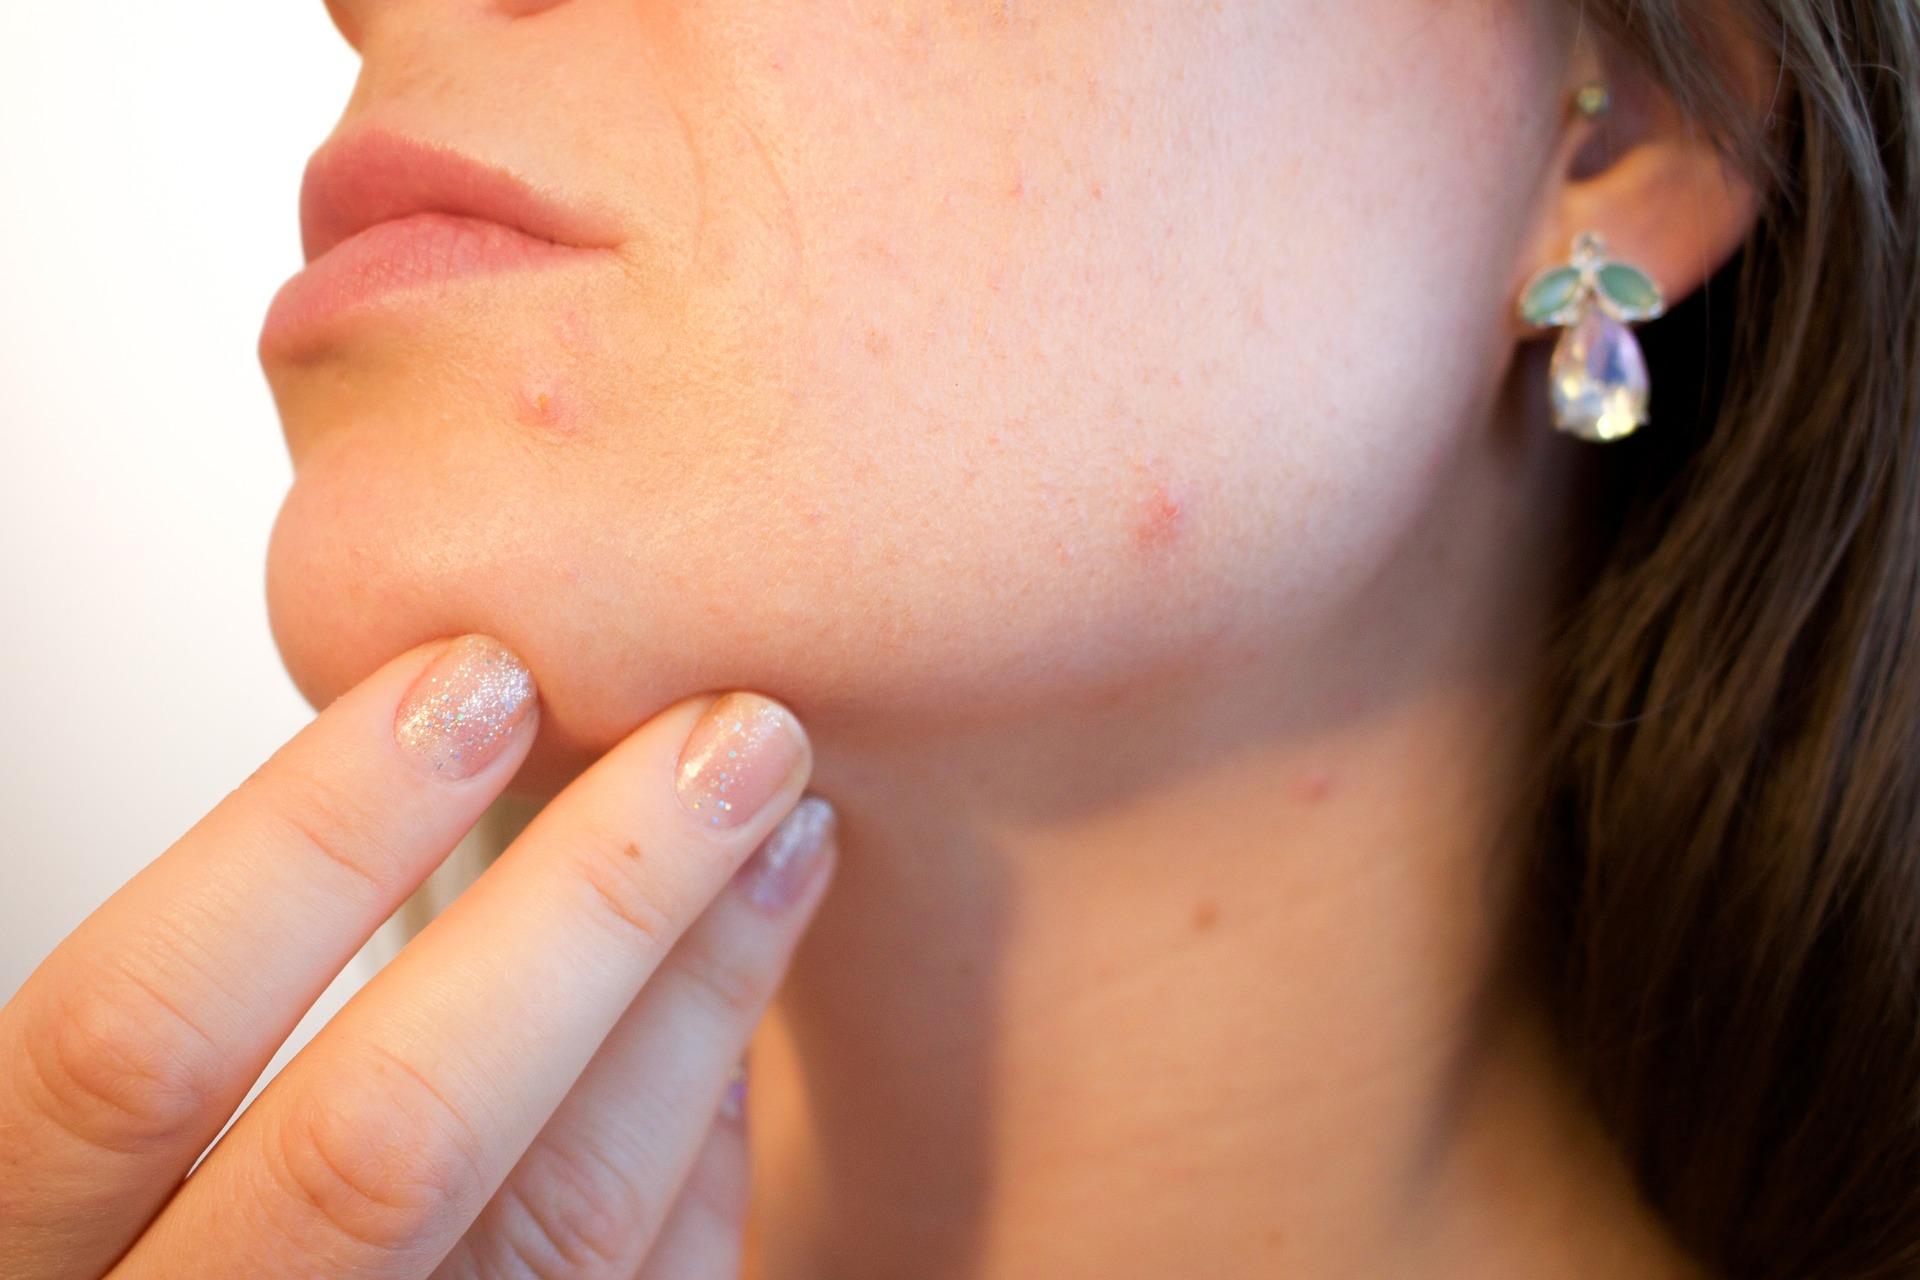 皮膚の病気である乾癬に関節炎を伴った場合を乾癬性関節炎(Psoriatic  ArthritisPsA)といいます。皮膚の細胞が垢になって剥がれ落ちるまでの角化(かくか)という症状